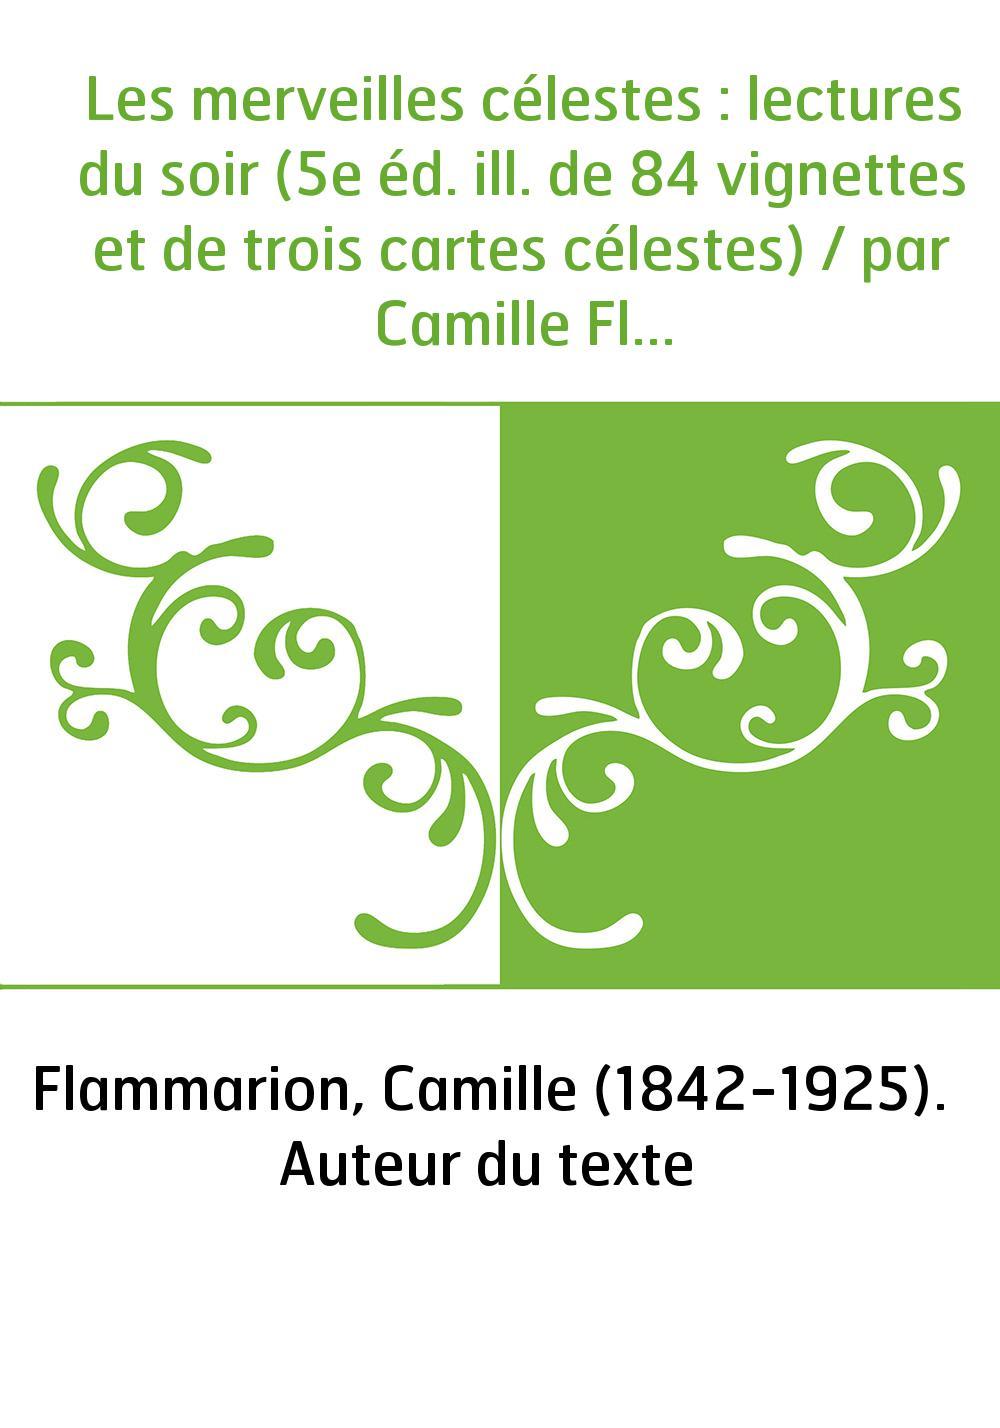 Les merveilles célestes : lectures du soir (5e éd. ill. de 84 vignettes et de trois cartes célestes) / par Camille Flammarion